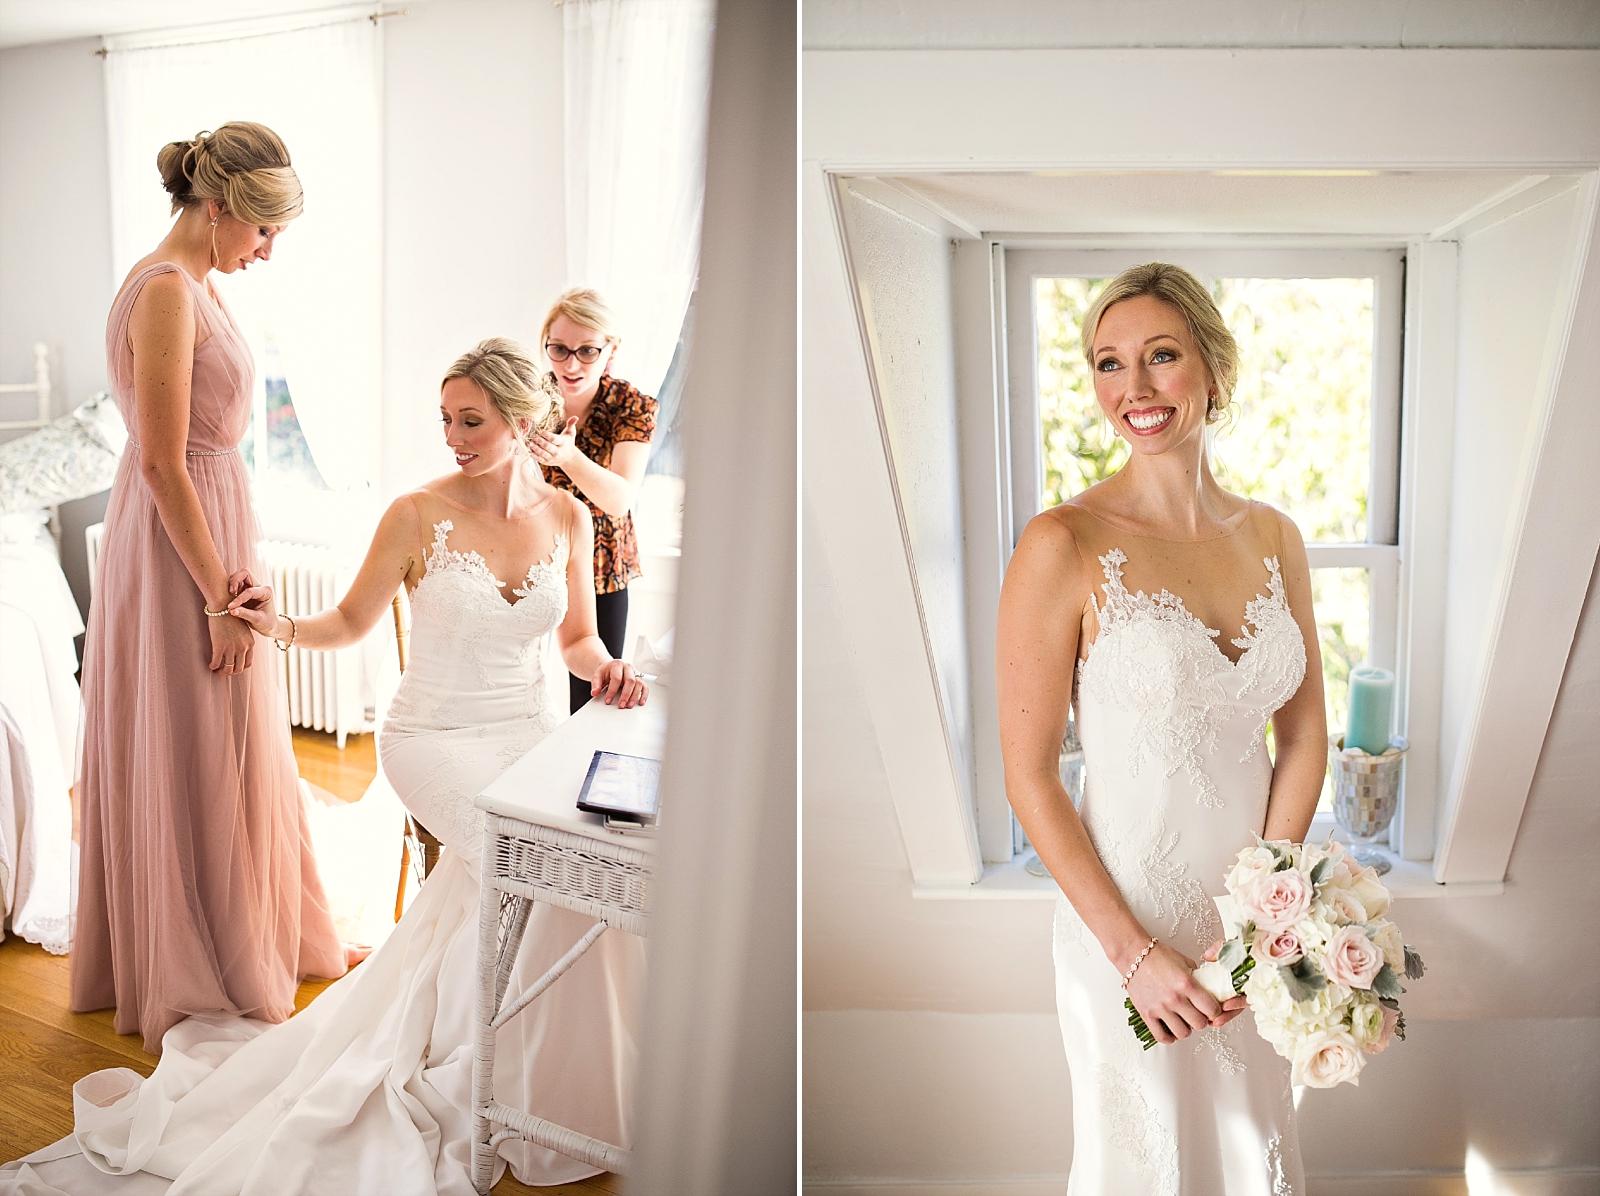 CT_Wedding_Photographer_BeLo_11.jpg